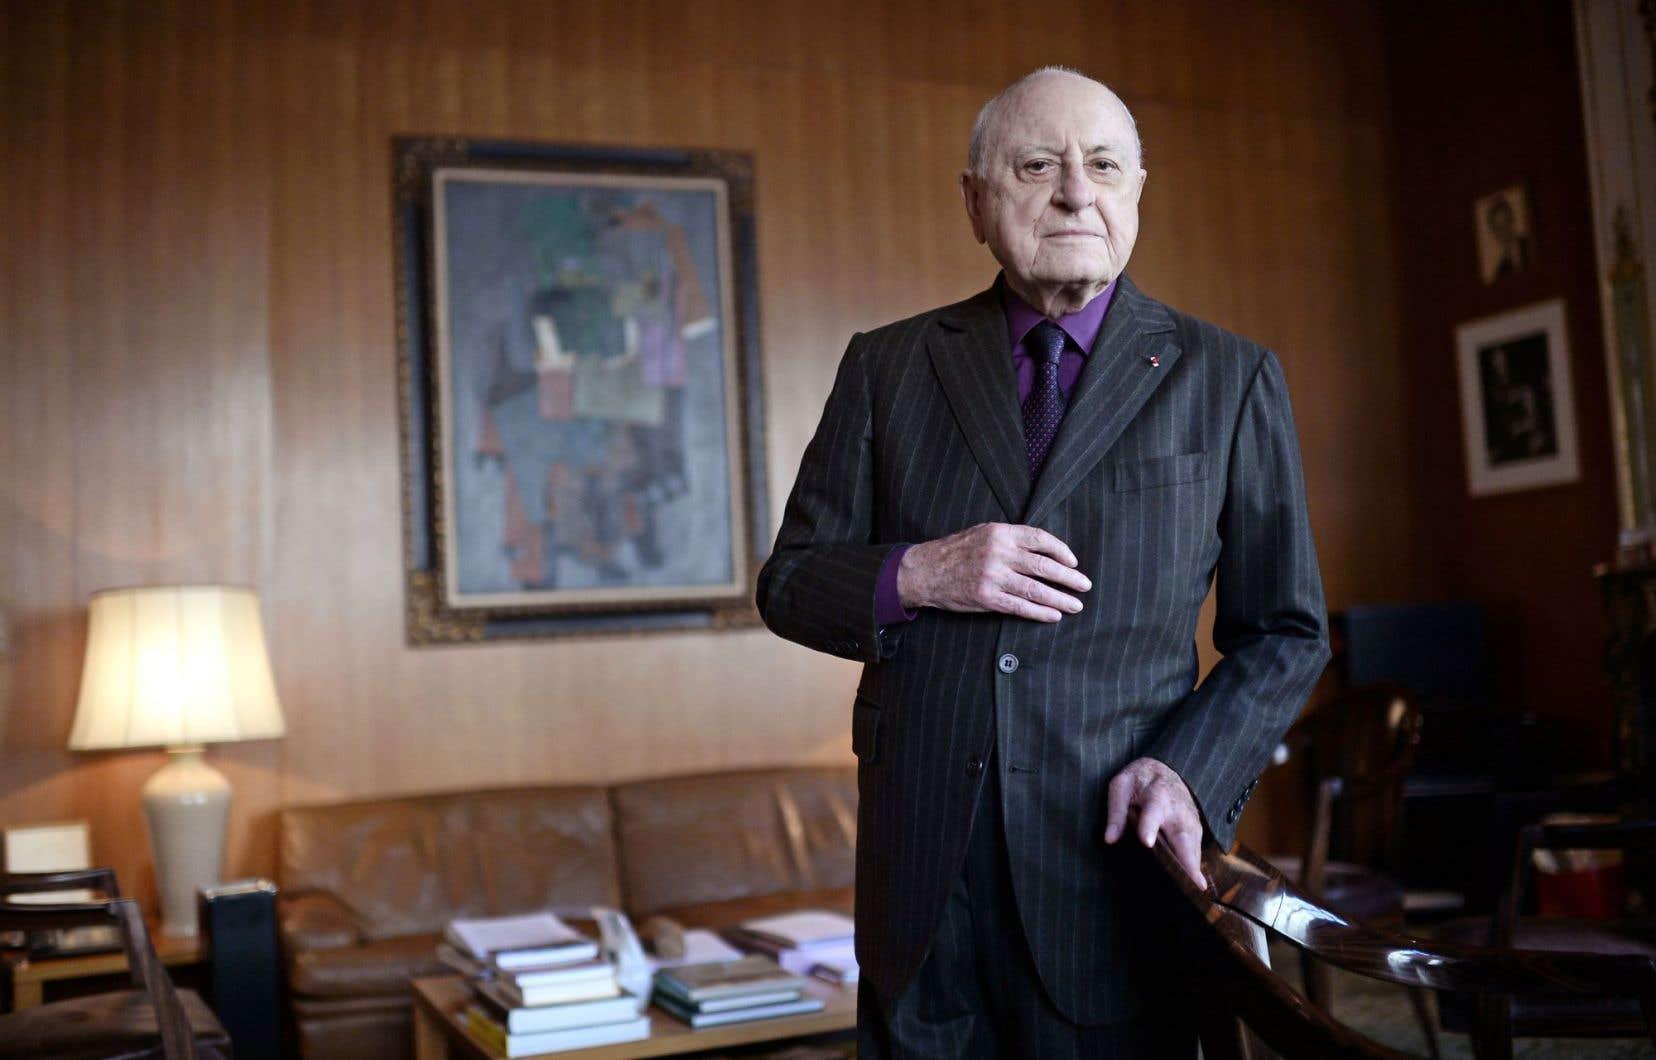 L'homme d'affaires et mécène français Pierre Bergé, photographié dans son bureau de Paris en février 2015